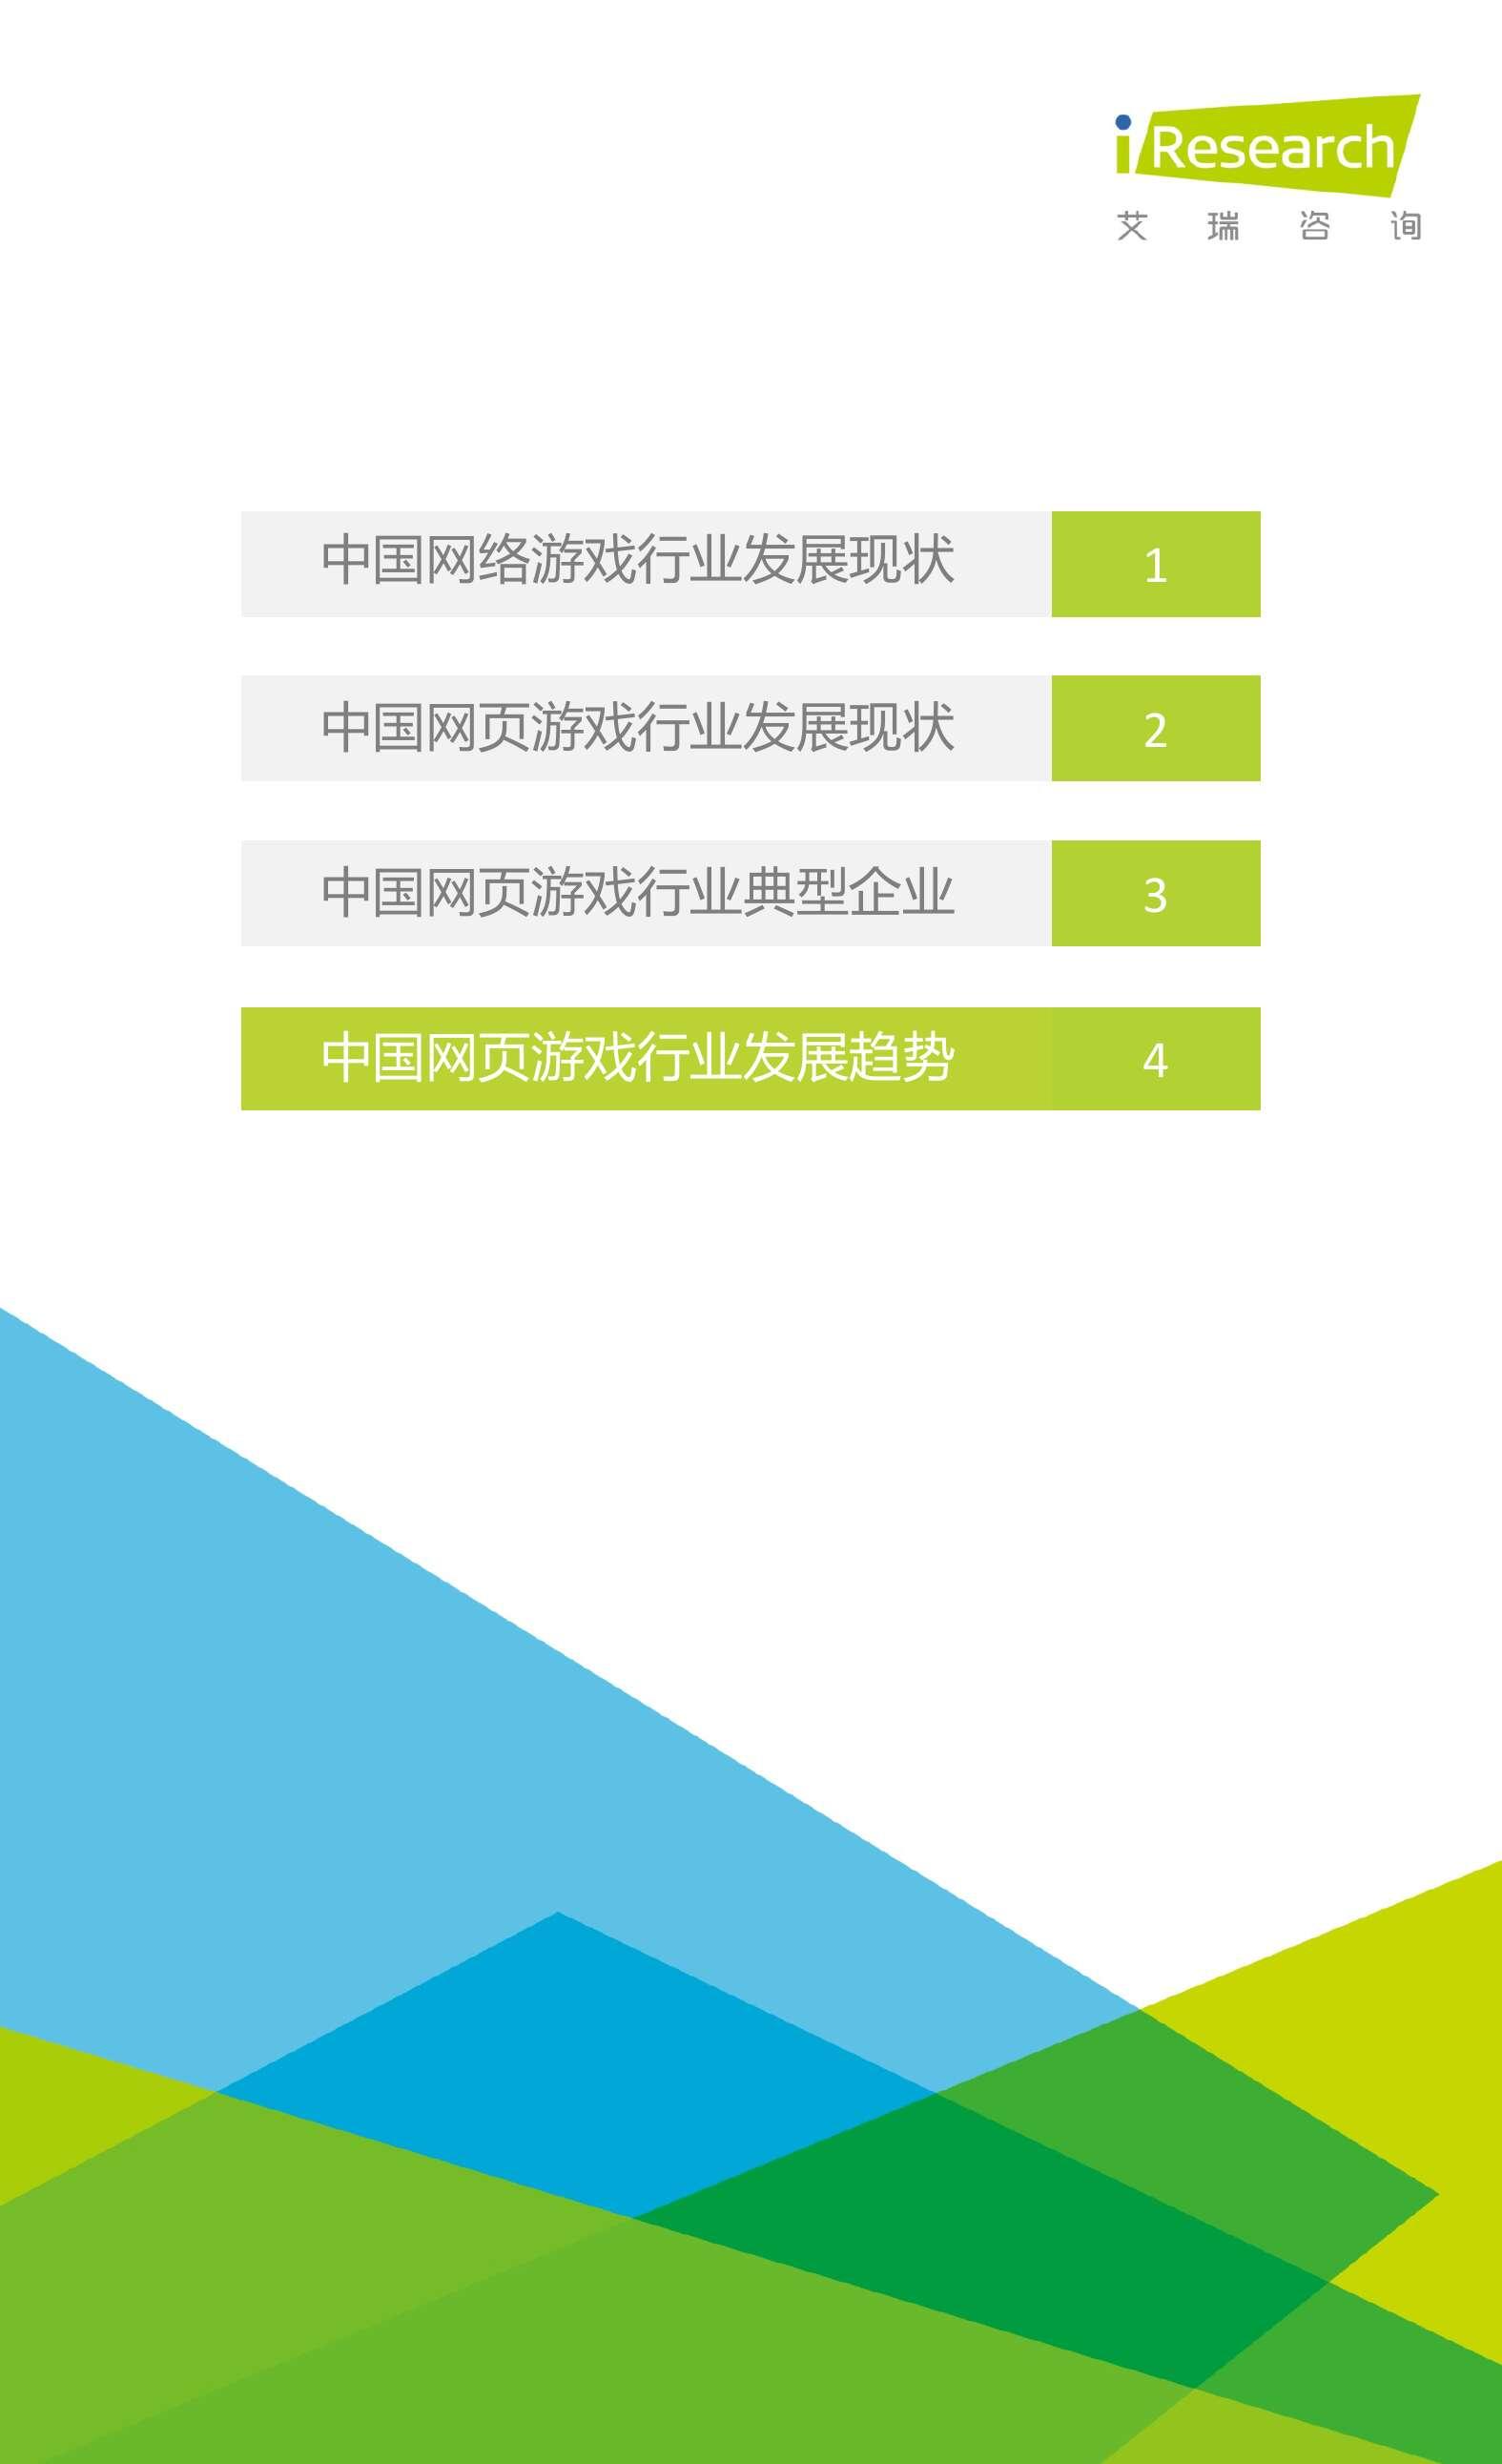 2016年中国网页游戏行业研究报告_000025